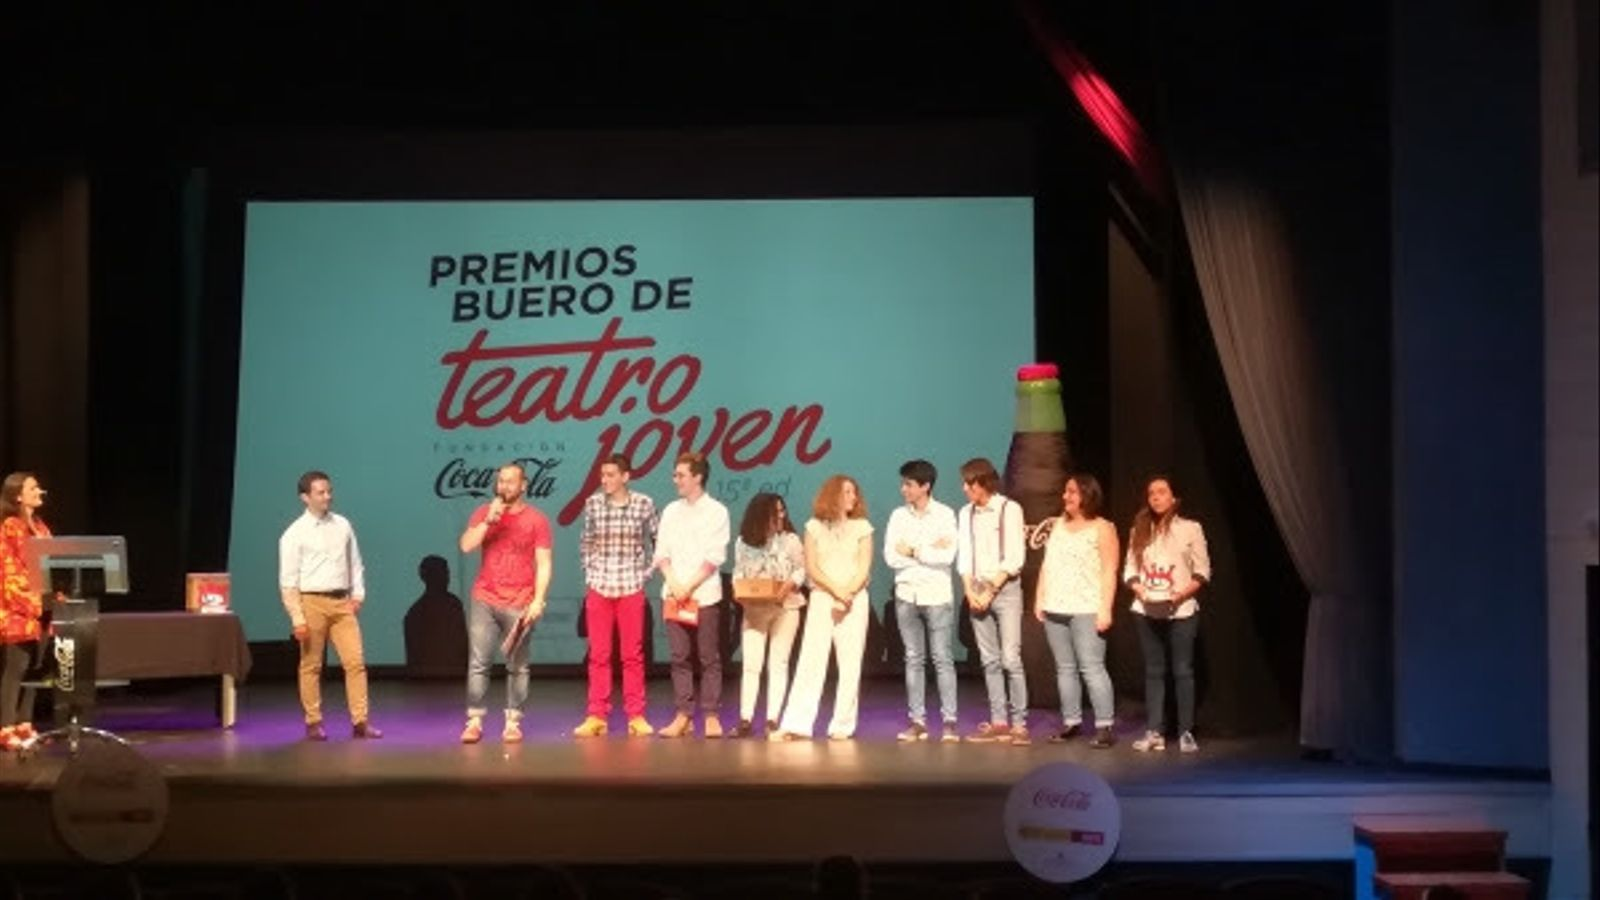 L'IES Mossèn Alcover es fa amb el Premi Buero de Teatre Jove